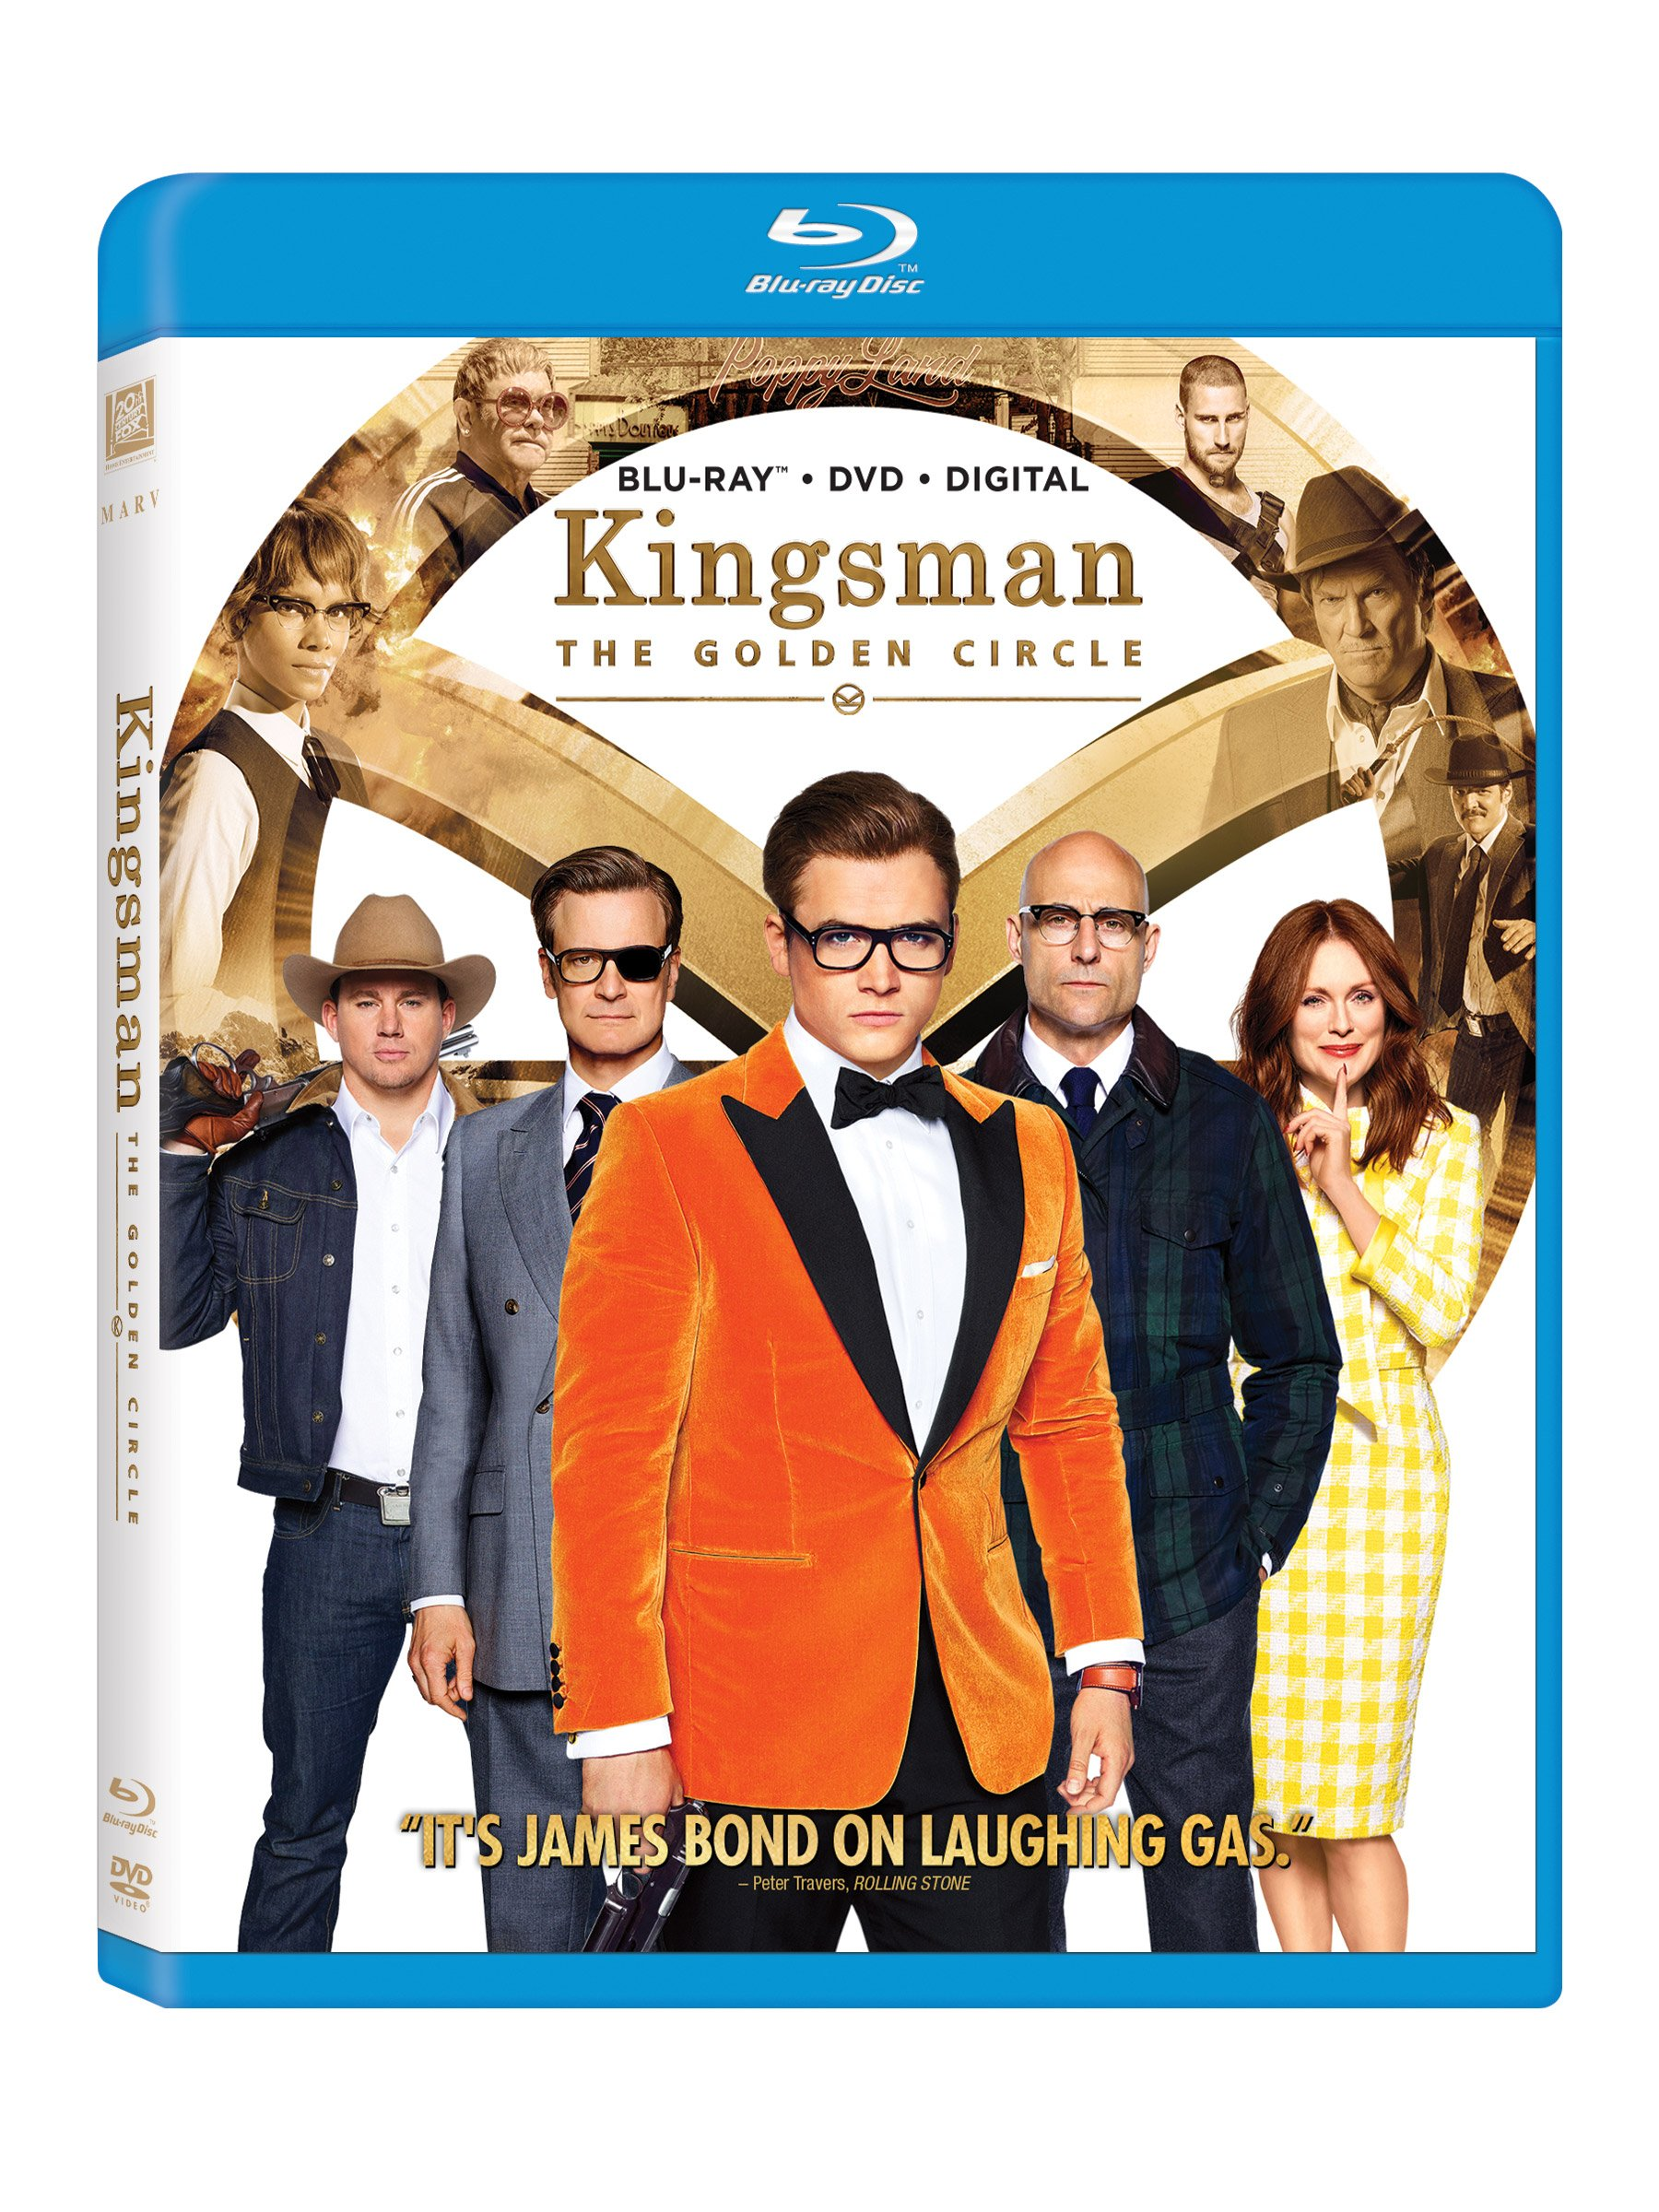 Kingsman 2 Golden Circle